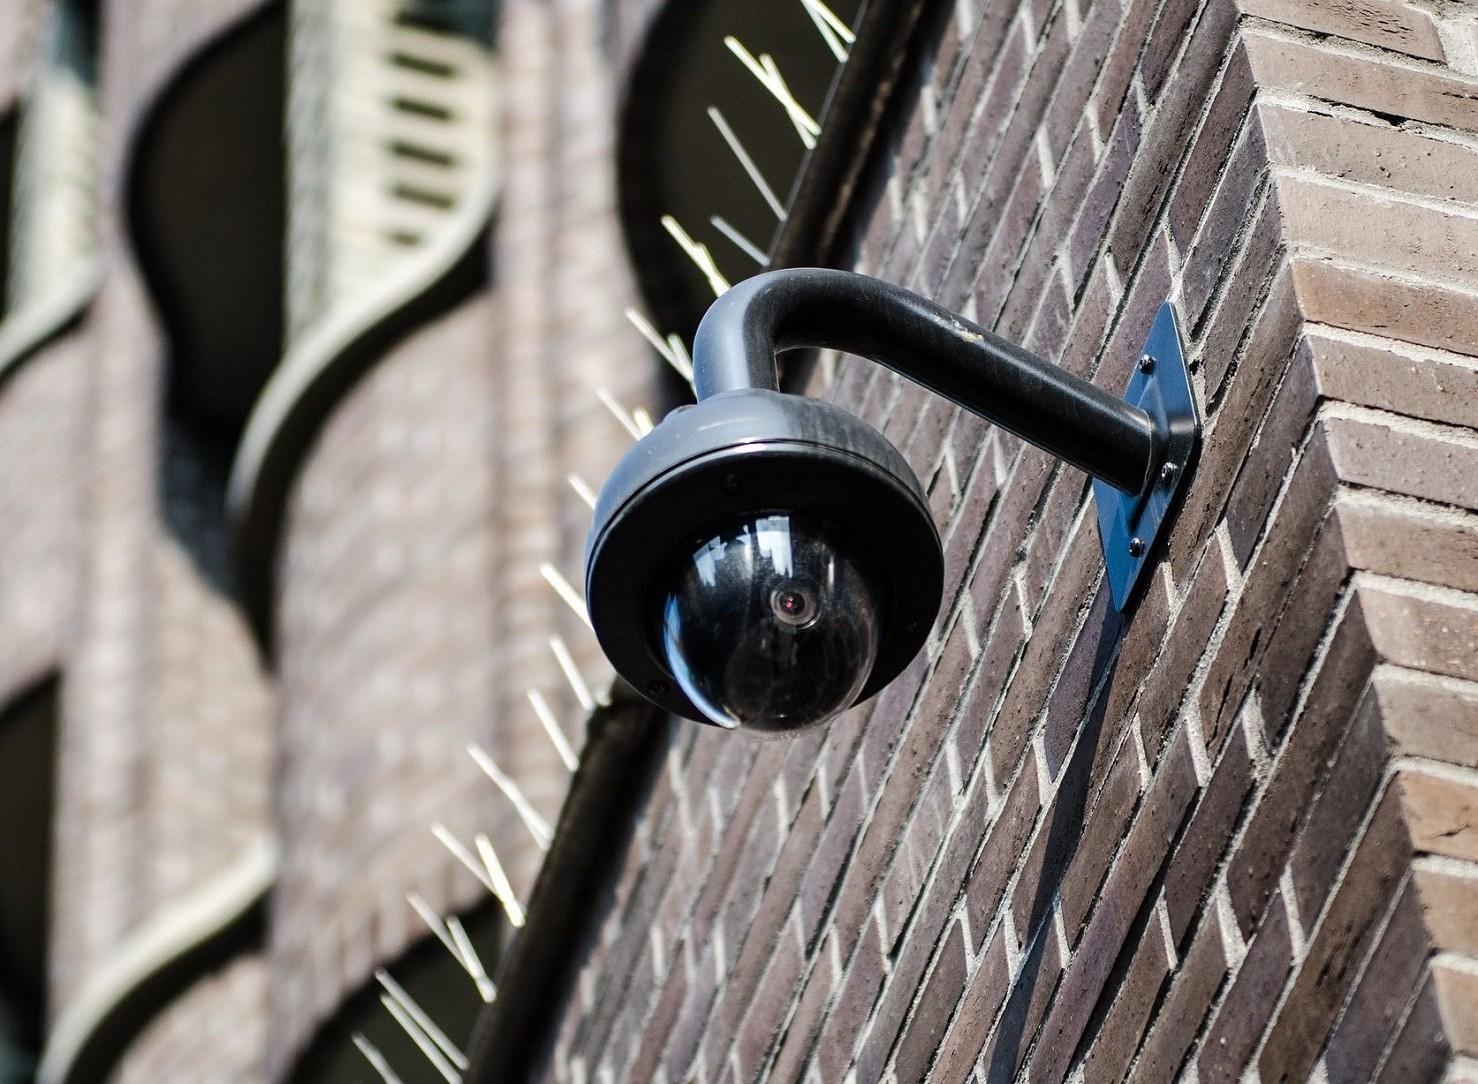 Telecamere in condominio, regole e leggi in vigore sulla videosorveglianza